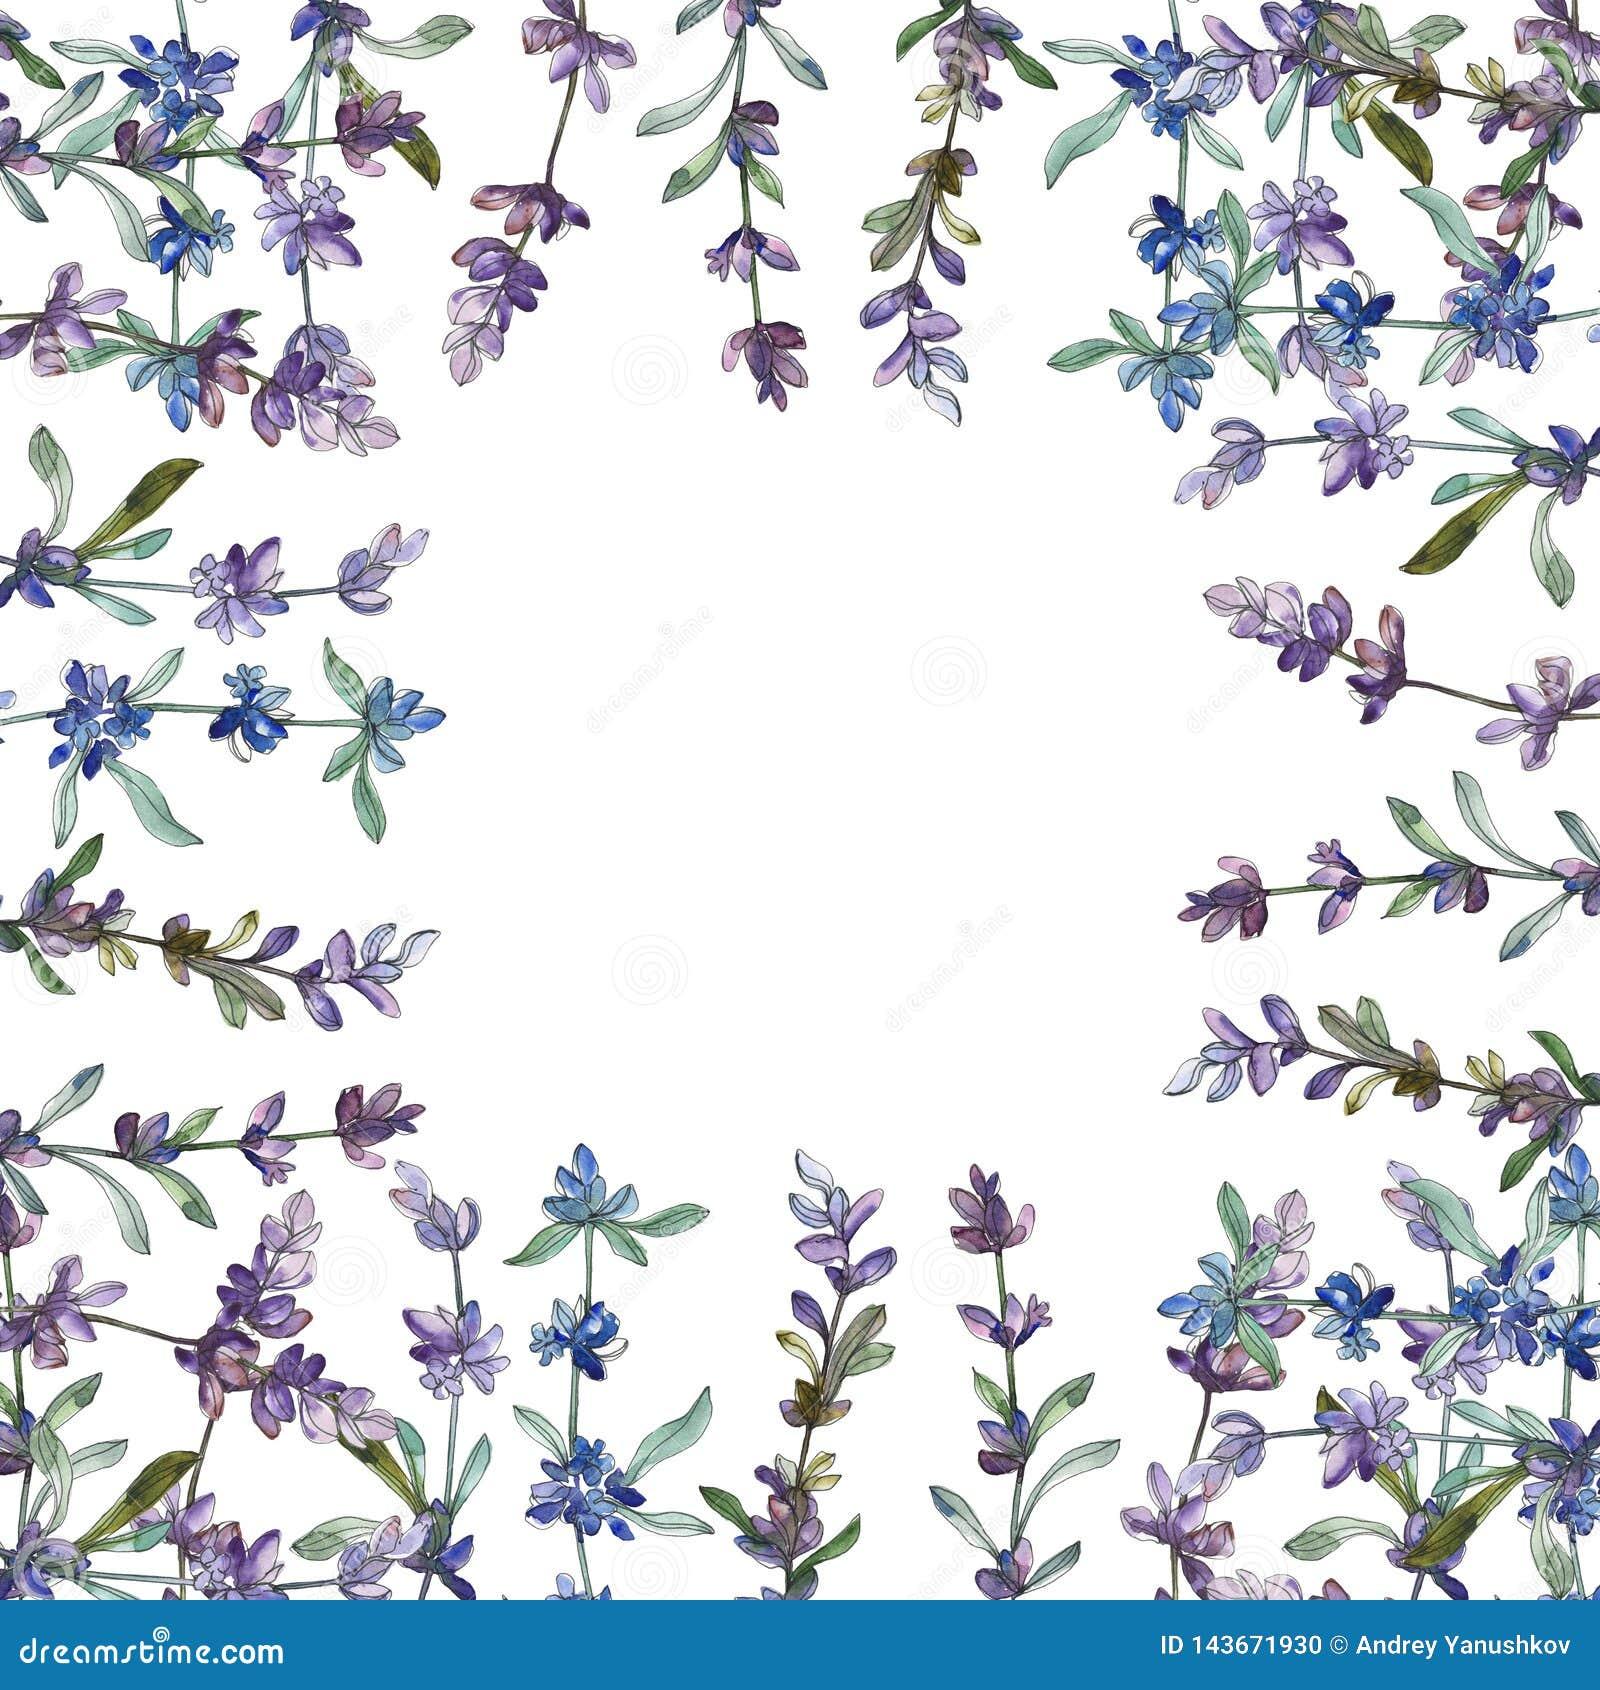 Purple lavender floral botanical flower. Watercolor background illustration set. Frame border ornament square.